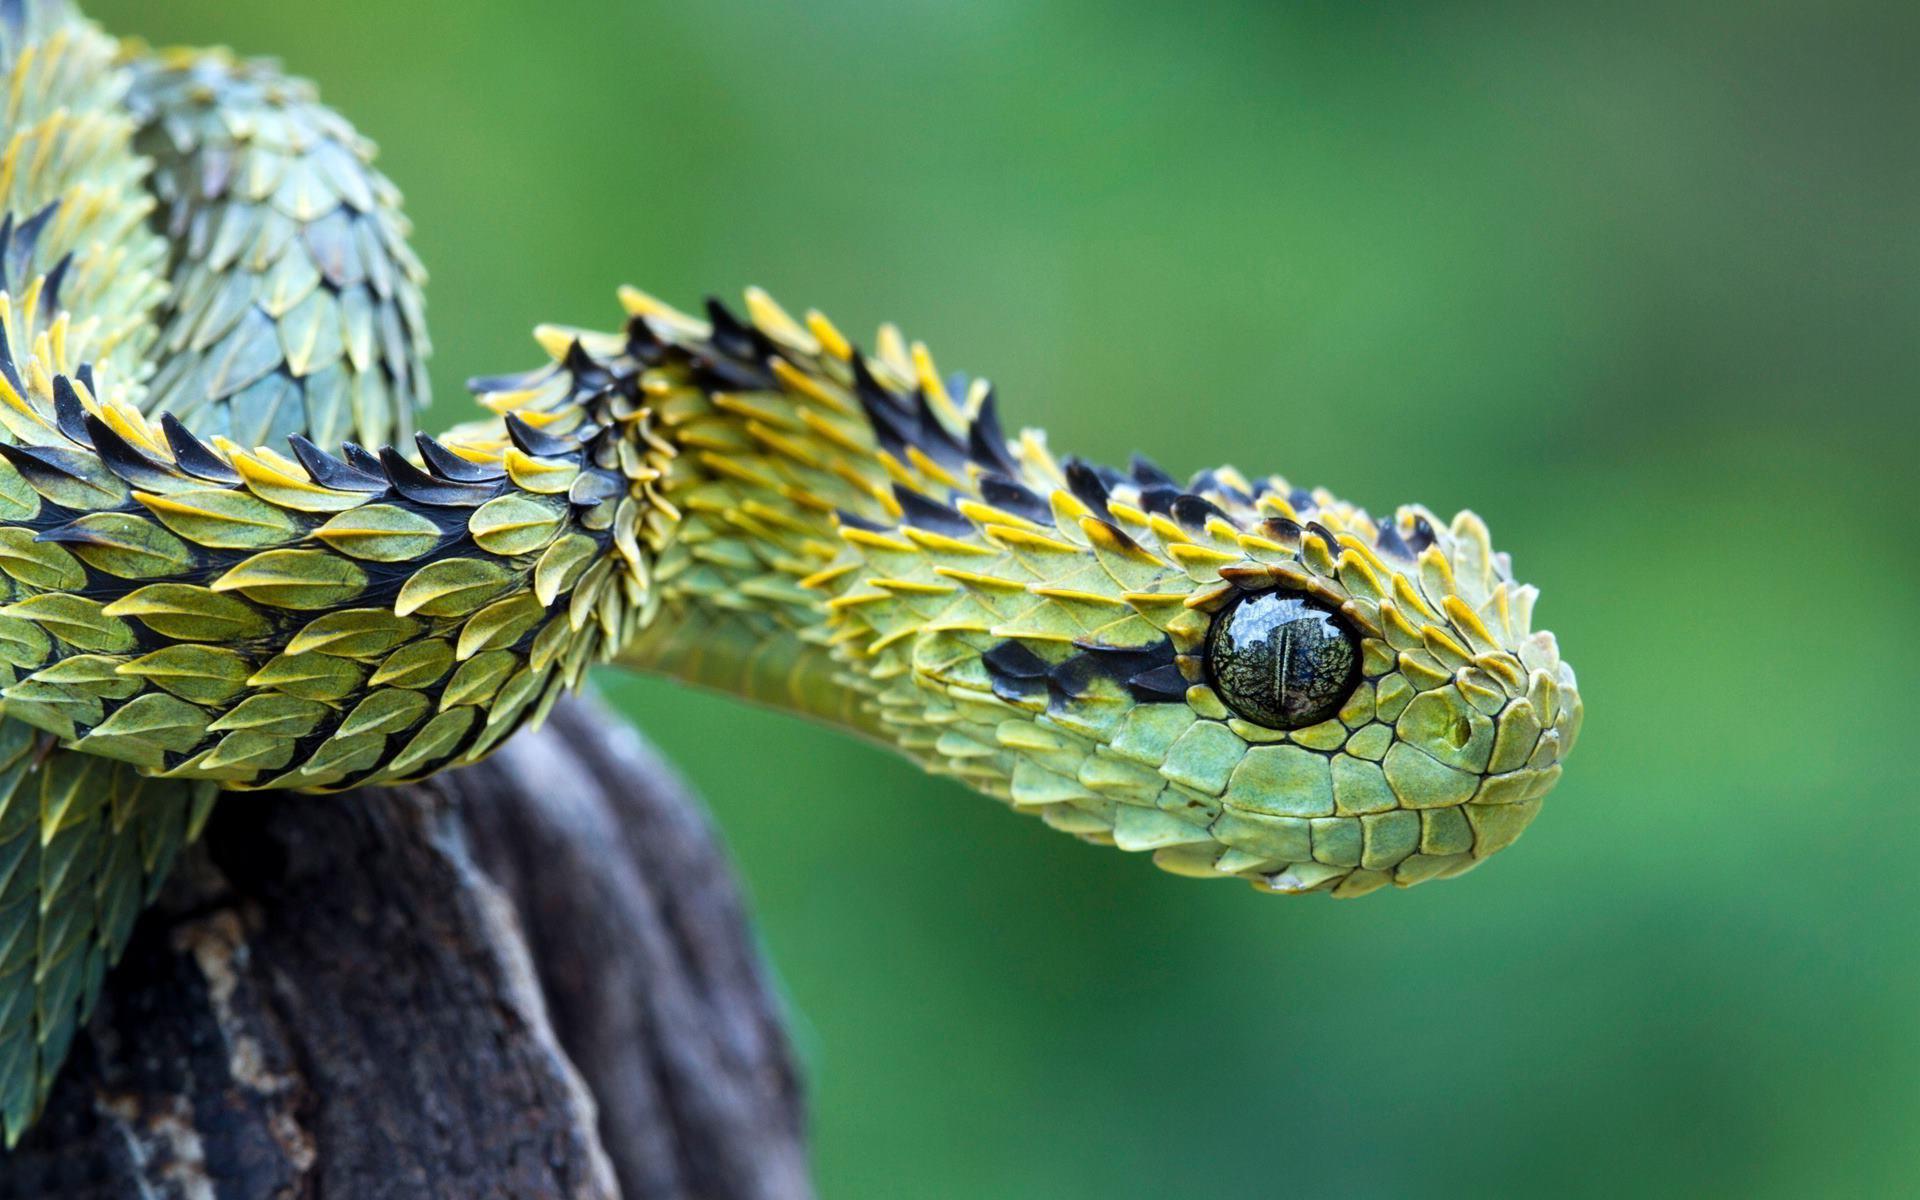 Beautiful snake photo